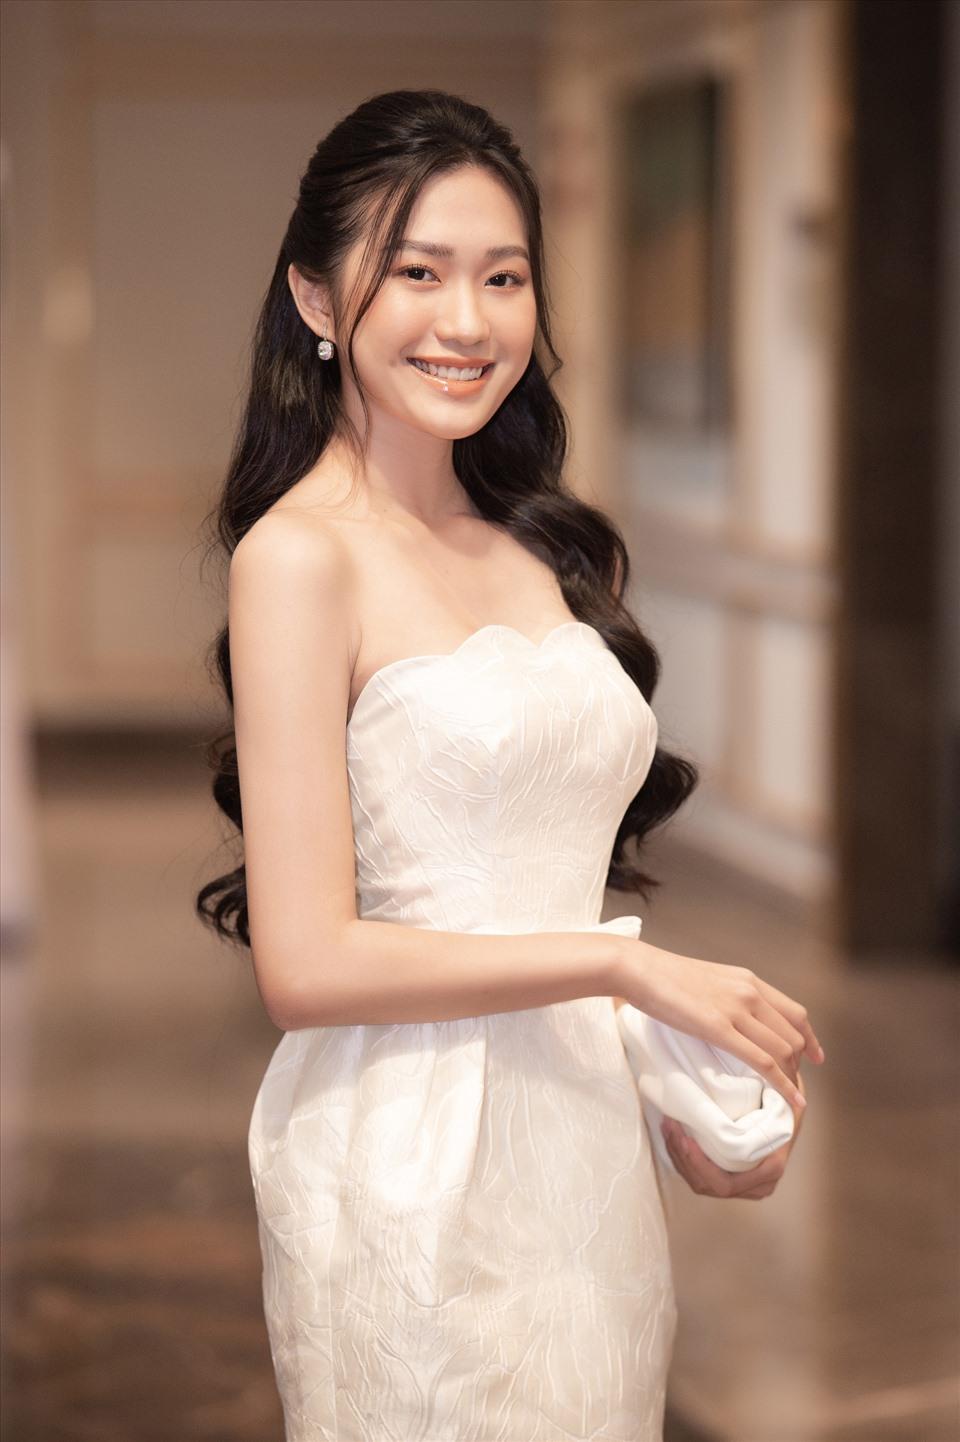 Cùng với Nguyễn Hà My, Doãn Hải My cũng là một ứng thí sinh Hoa hậu Việt Nam tiềm năng. Những bức ảnh của Hải My khi được chia sẻ trên Fanpage Hoa hậu Việt Nam 2020 đã lập tức thu hút được nhiều sự chú ý. Ảnh: HHVN.